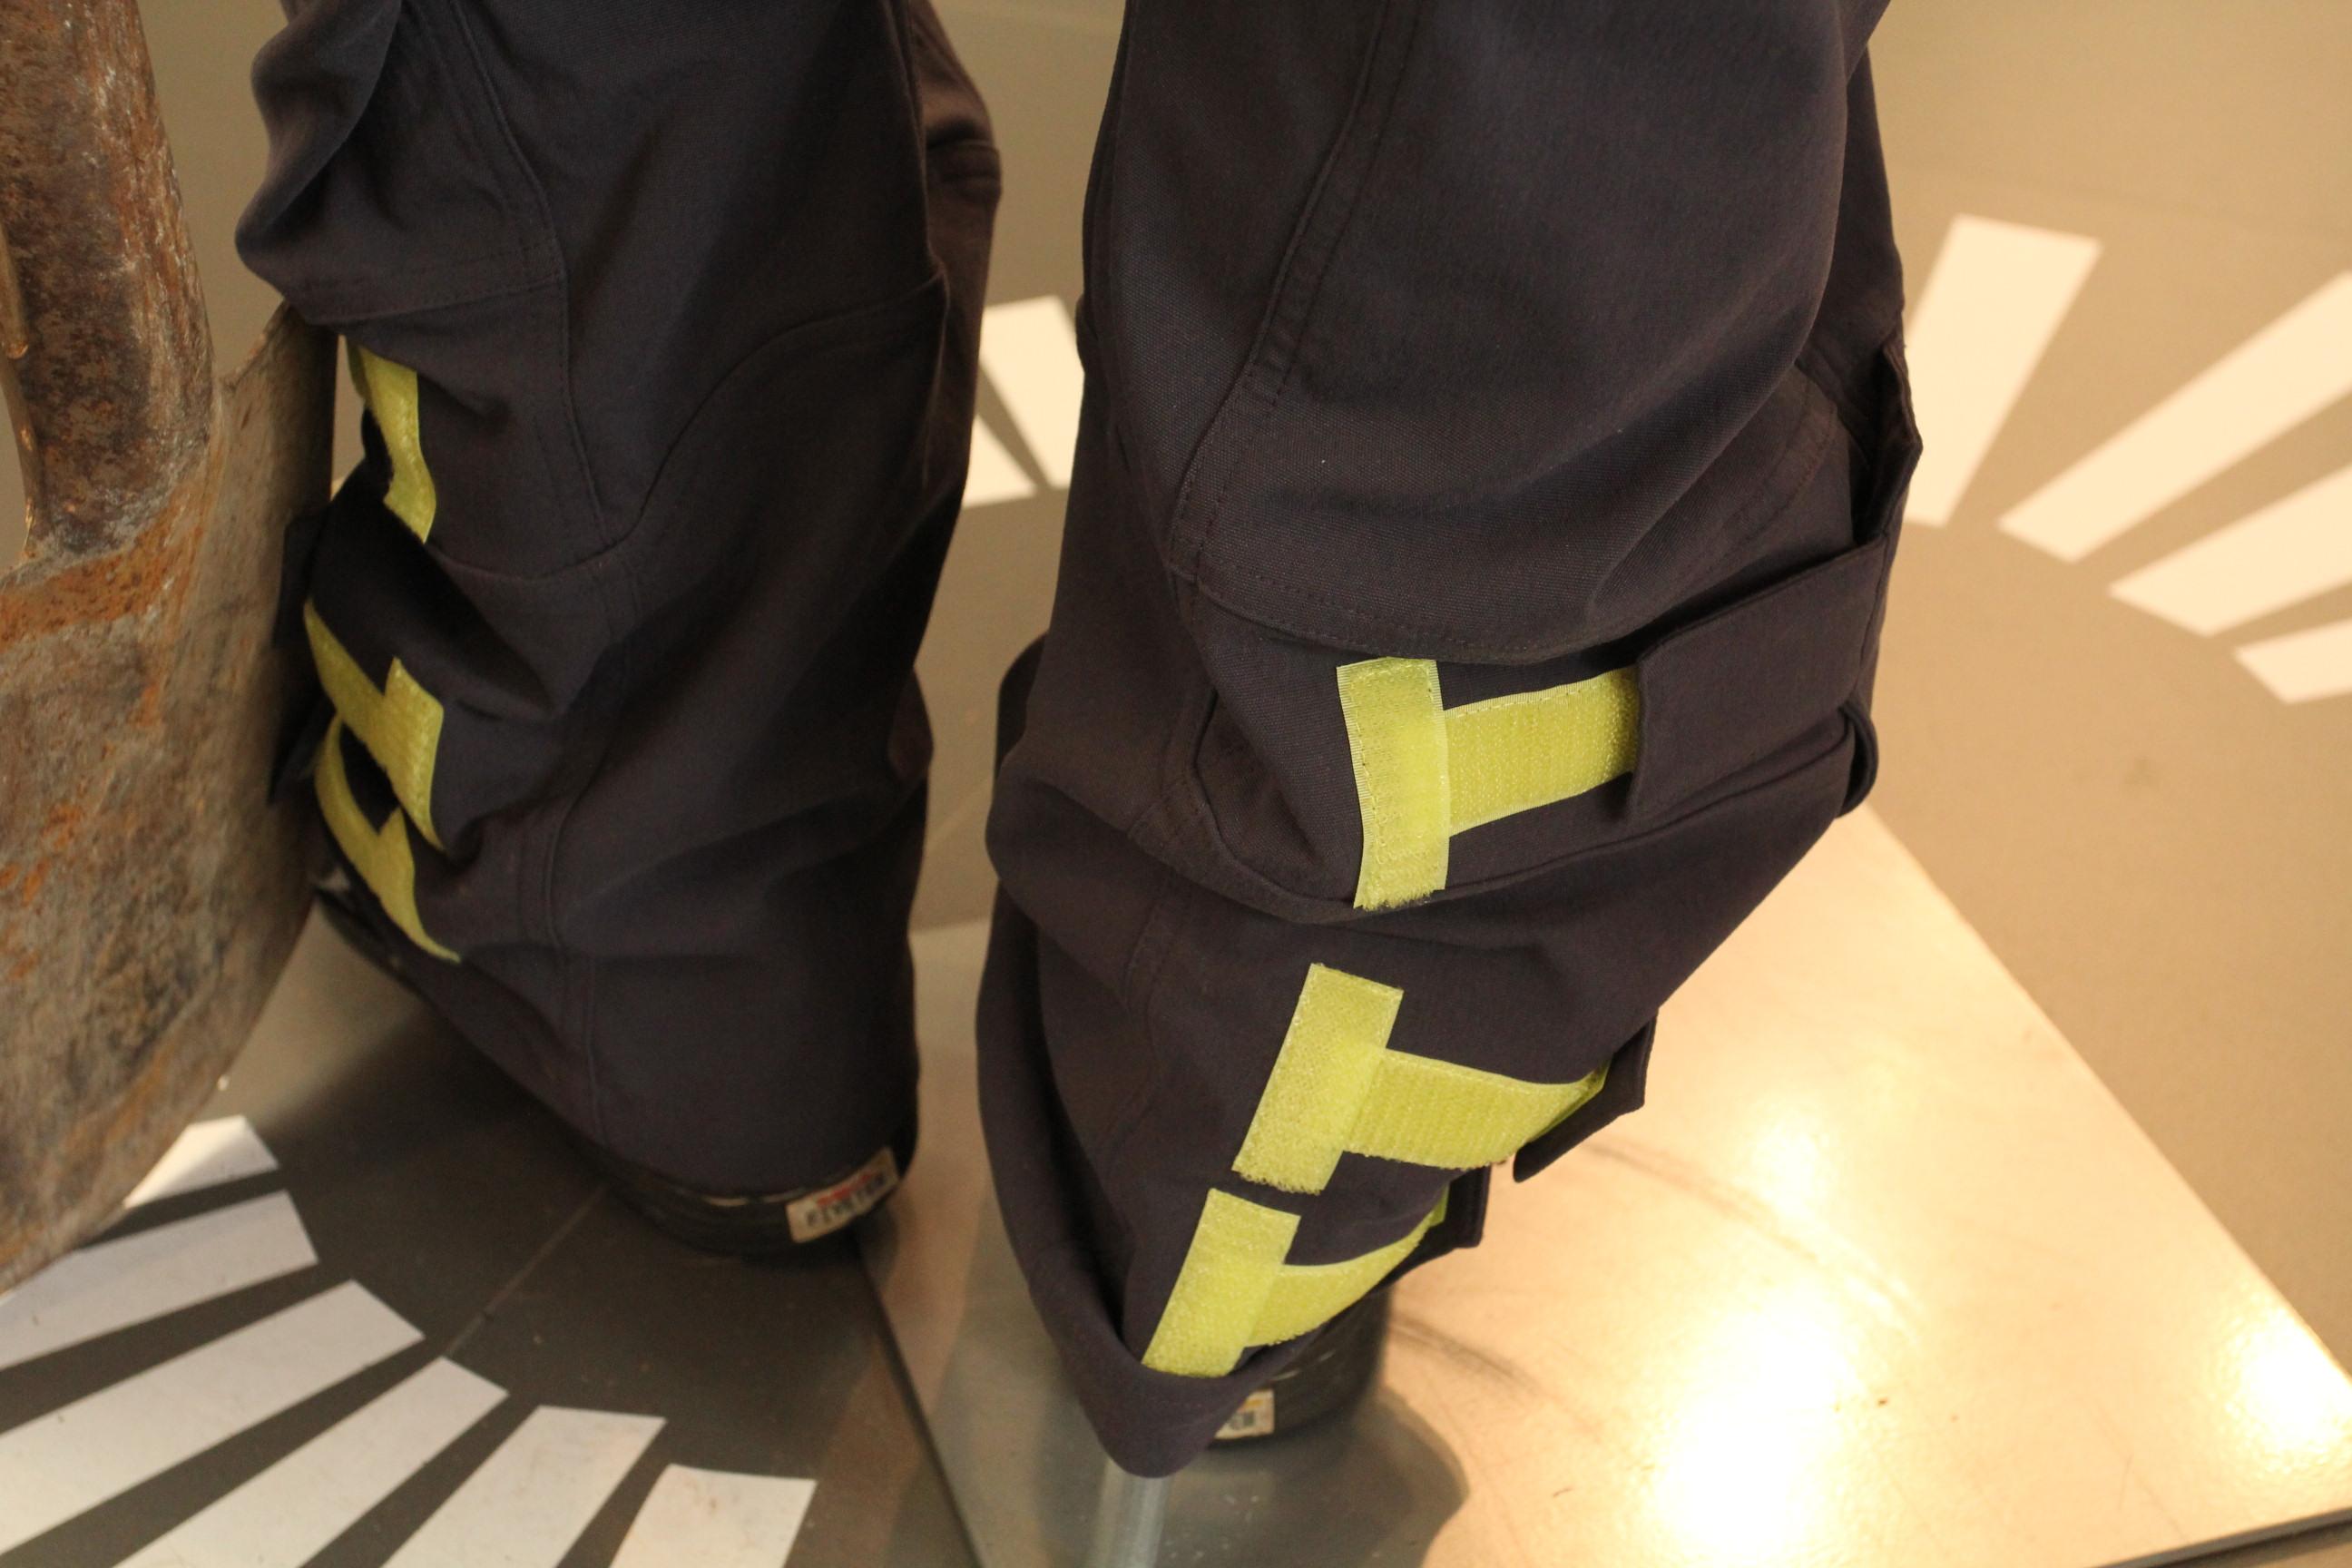 Wenns zu warm wird oder man eine Runde biken will, einfach Hosenbein nach oben krempeln und festkletten.